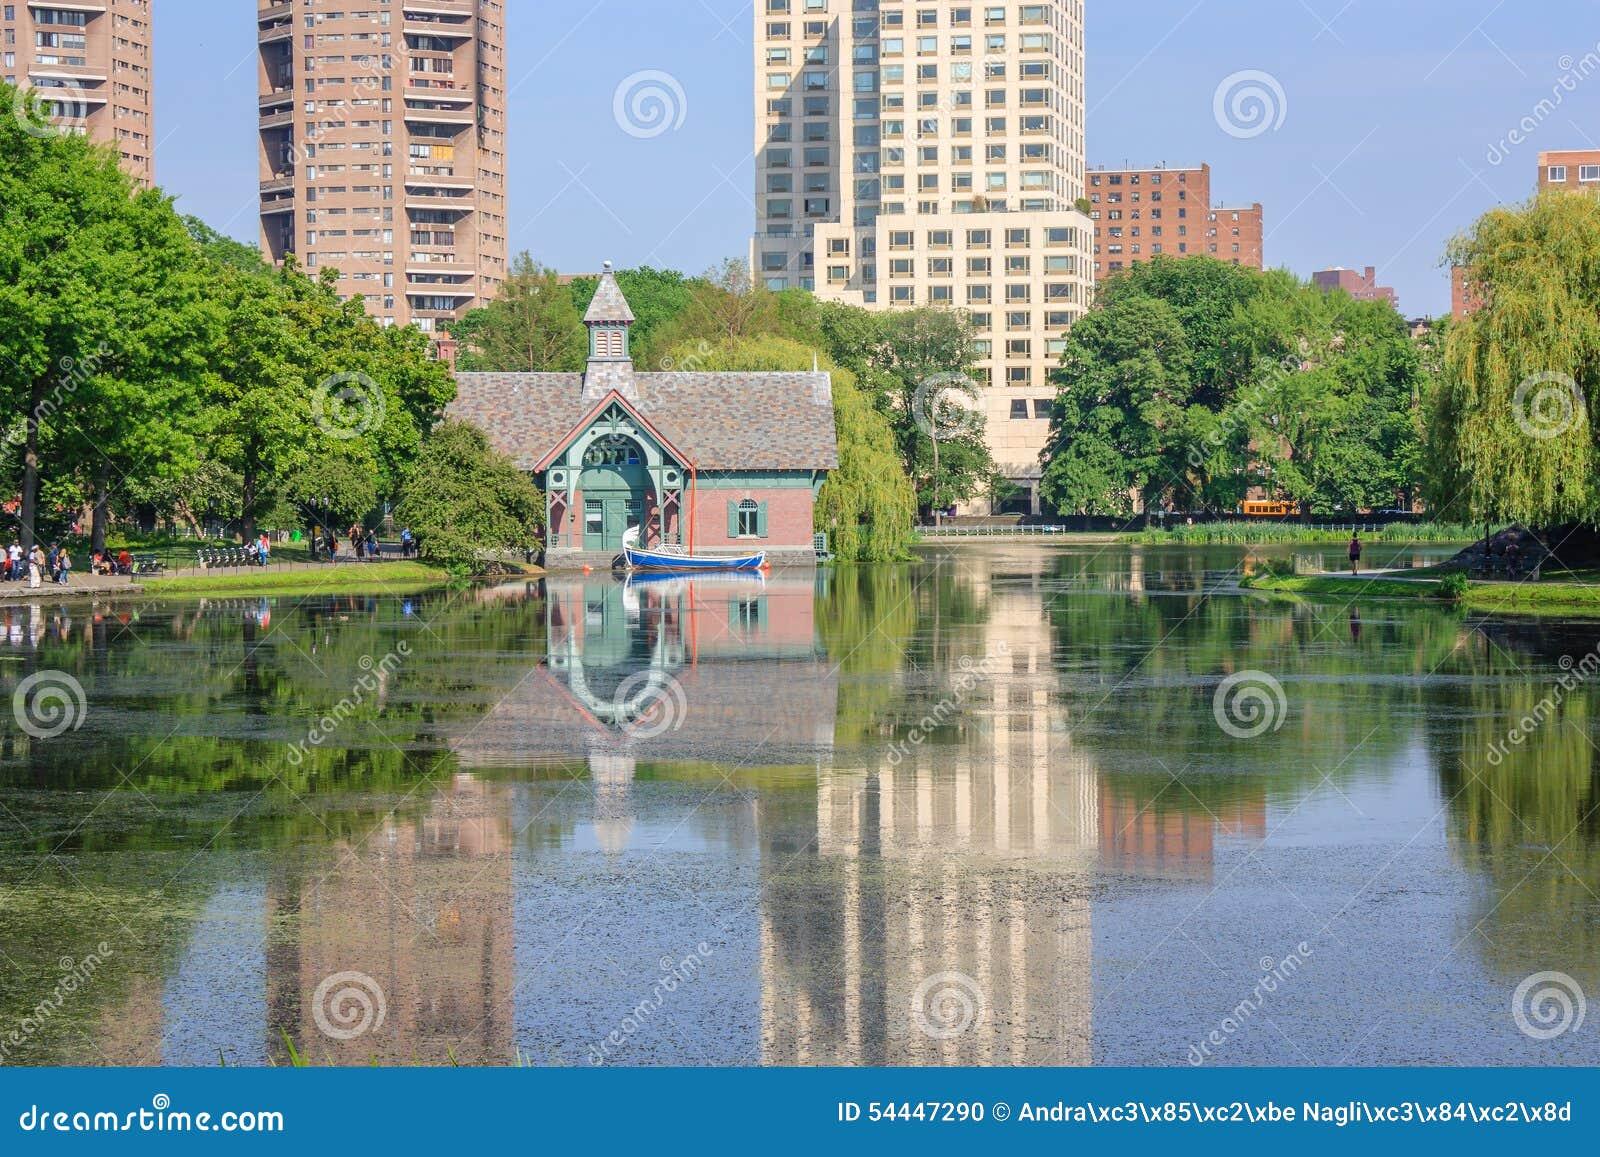 Centre de découverte de Charles A Dana Discovery Center - Central Park, New York City